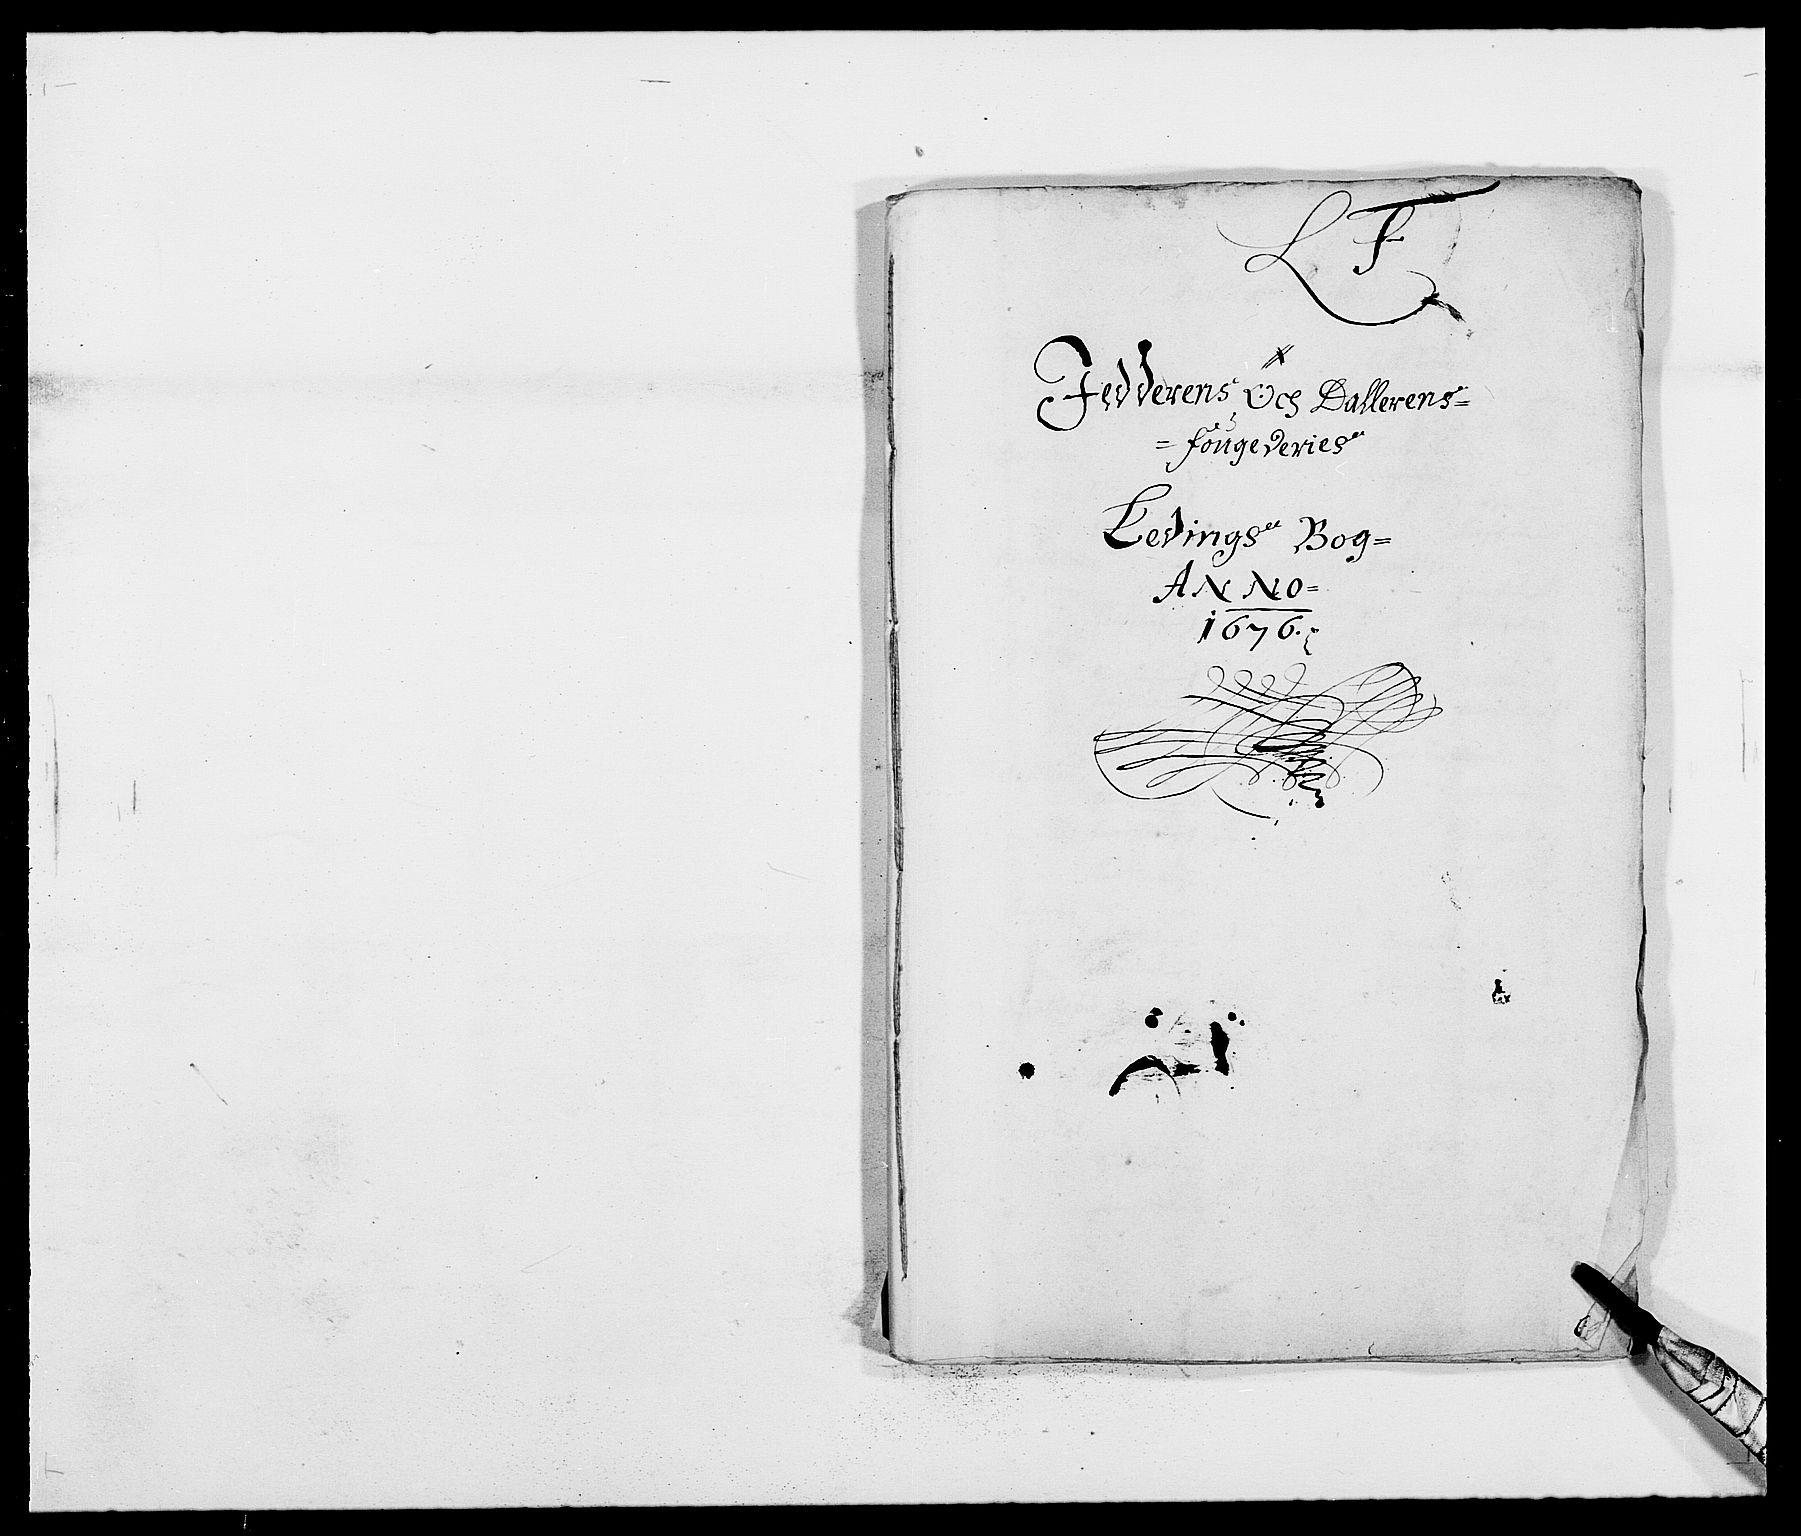 RA, Rentekammeret inntil 1814, Reviderte regnskaper, Fogderegnskap, R46/L2716: Fogderegnskap Jæren og Dalane, 1676, s. 176